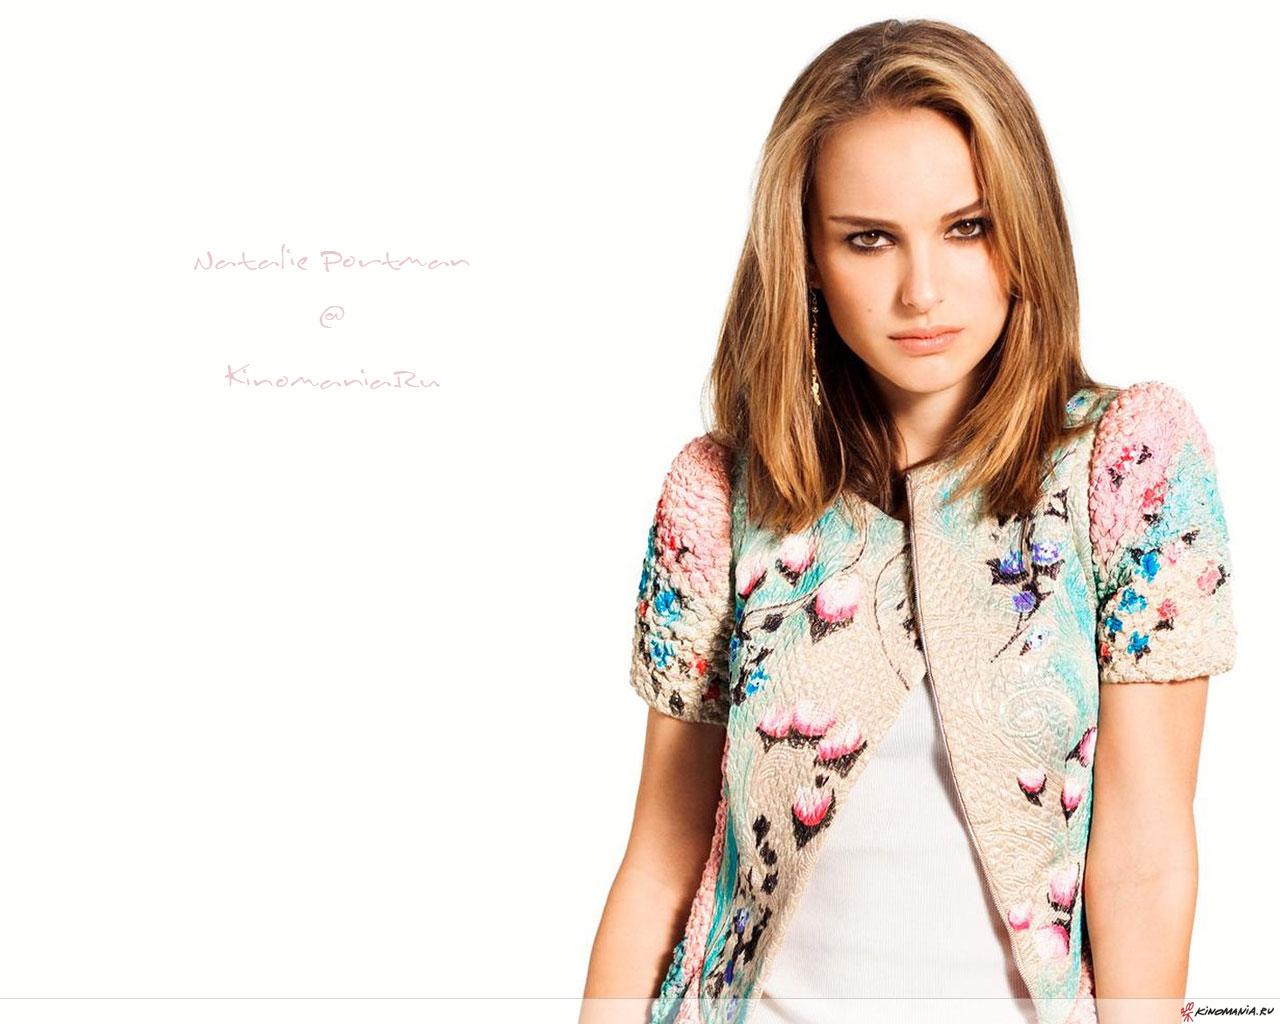 Обои для рабочего стола Natalie Portman Знаменитости Натали Портман